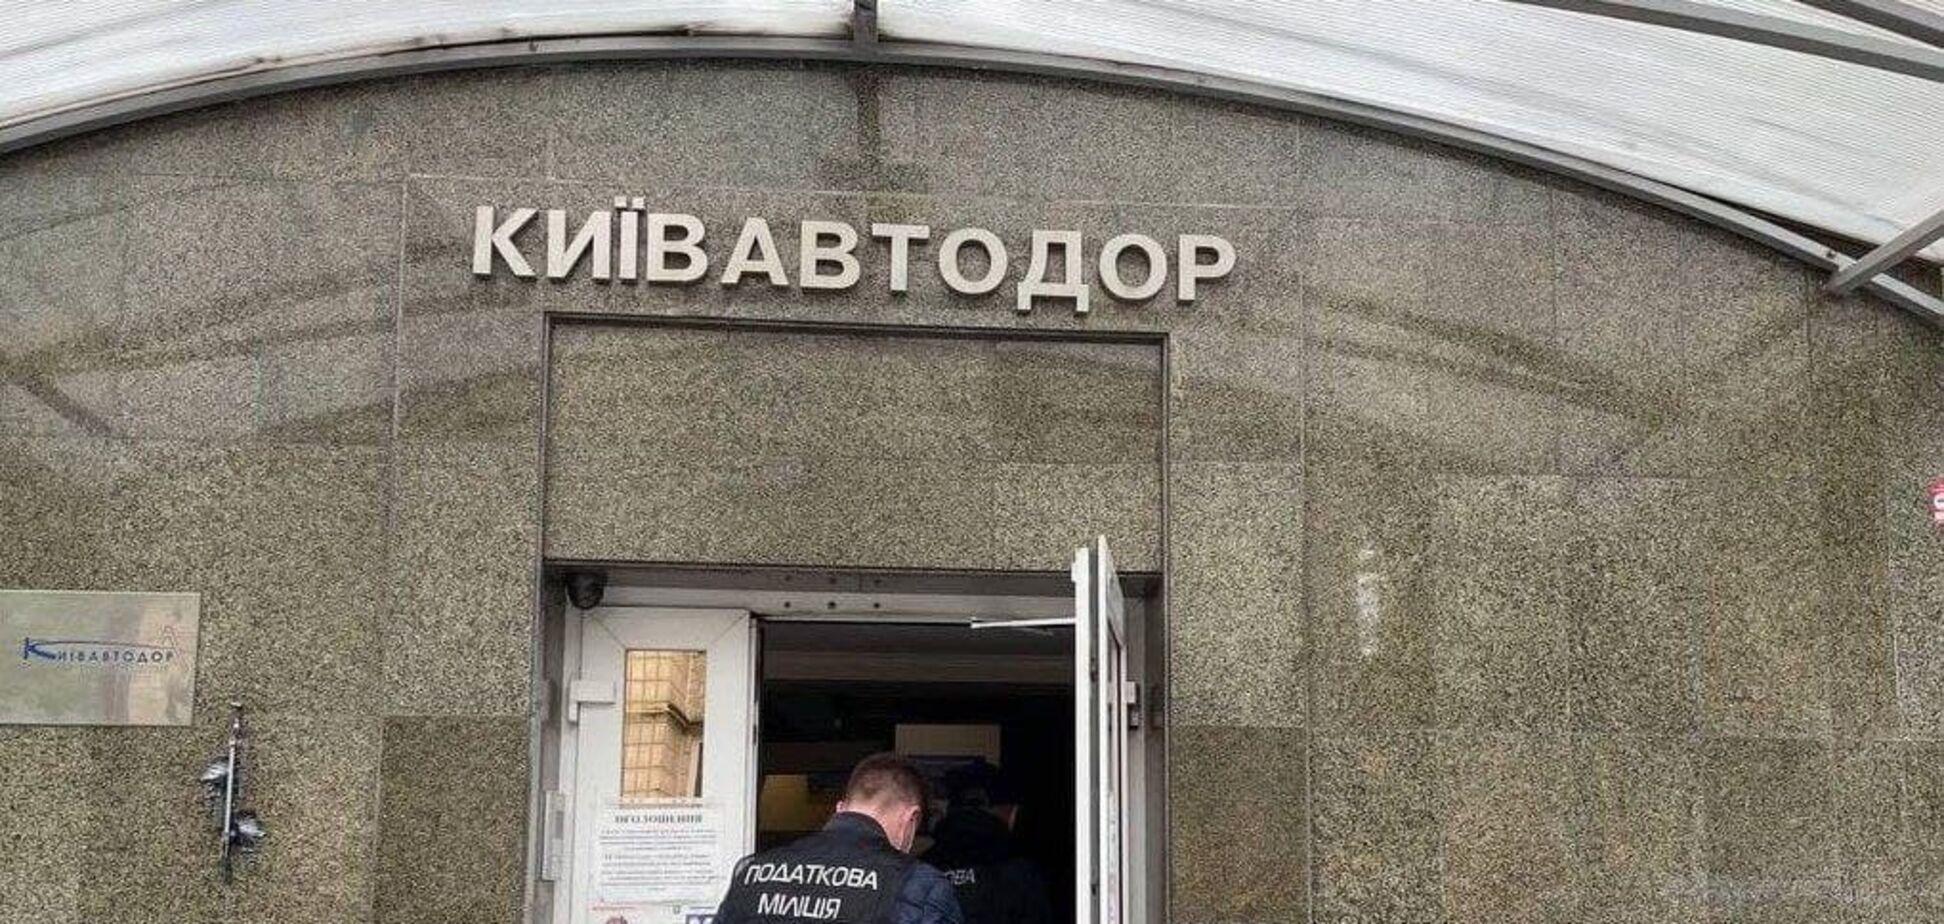 Співробітники ДФС прийшли з обшуками у 'Київавтодор': подробиці